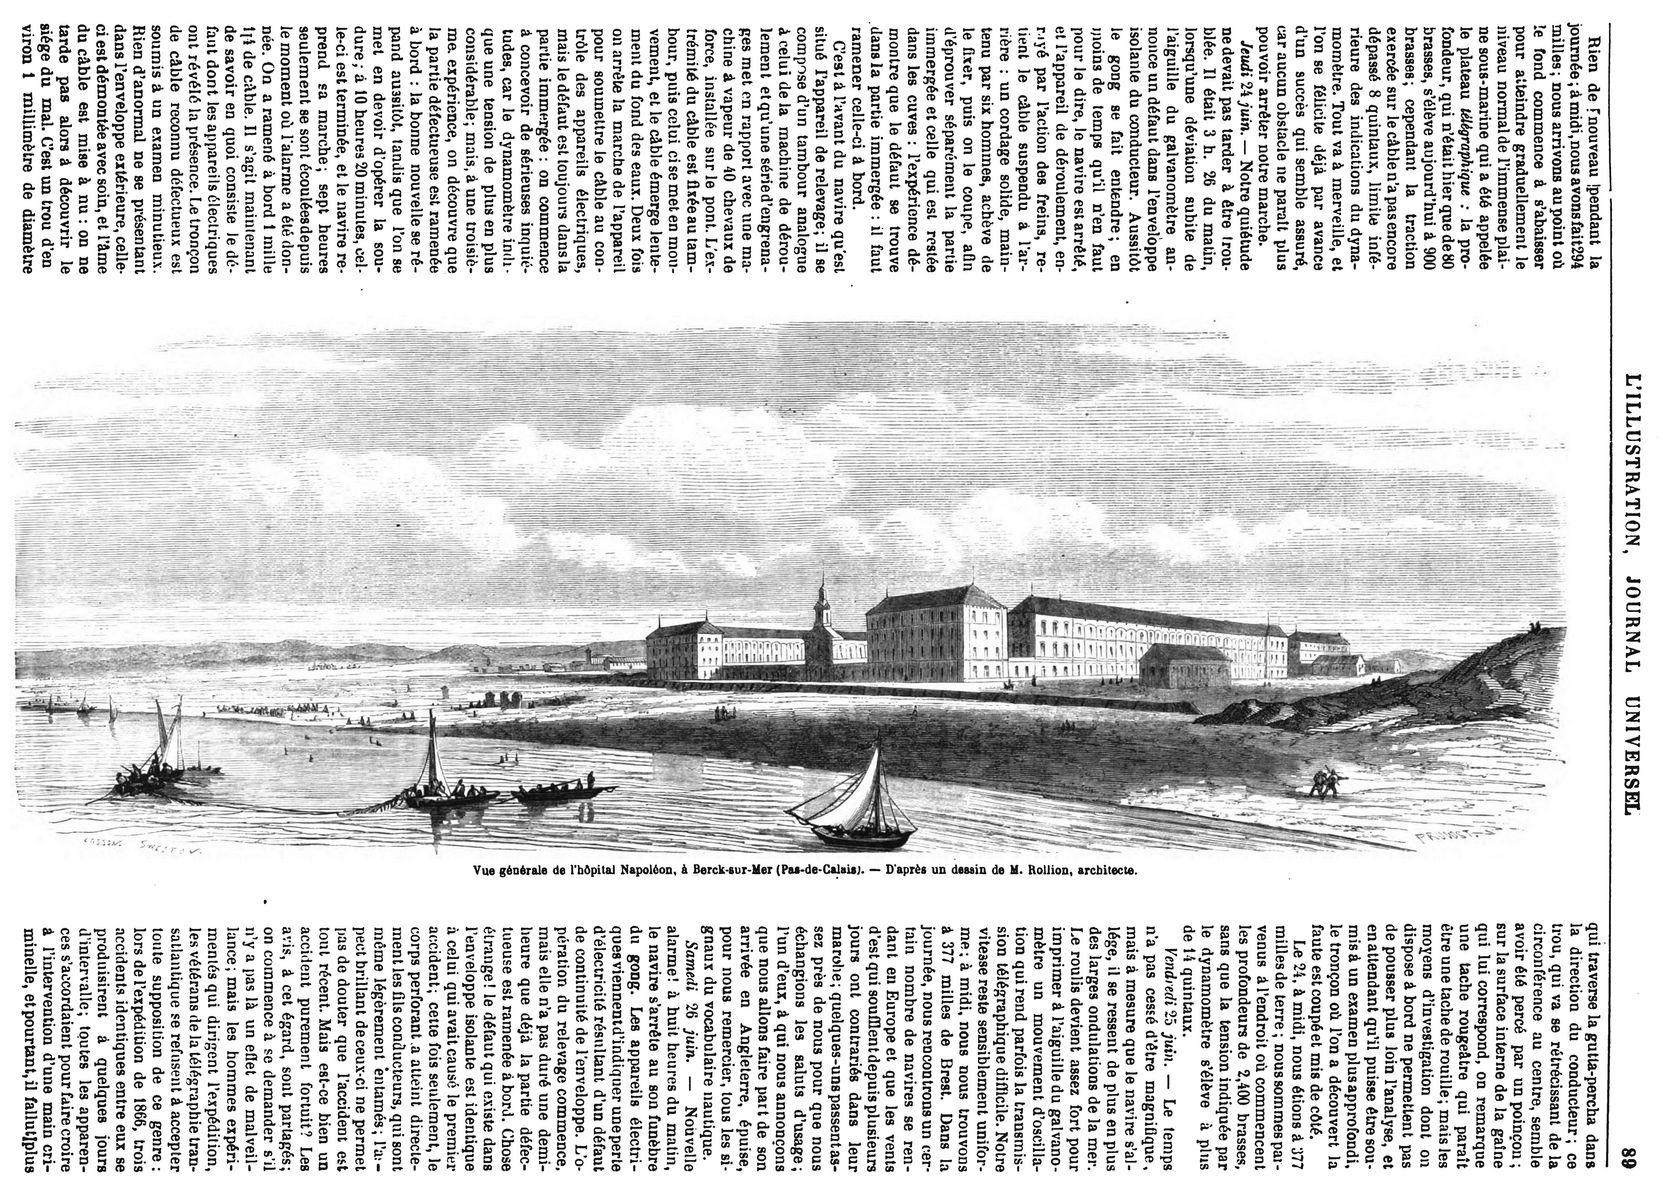 Vue générale de l'hospice Napoléon, à Berck-sur-Mer. Hôpital maritime de Berck